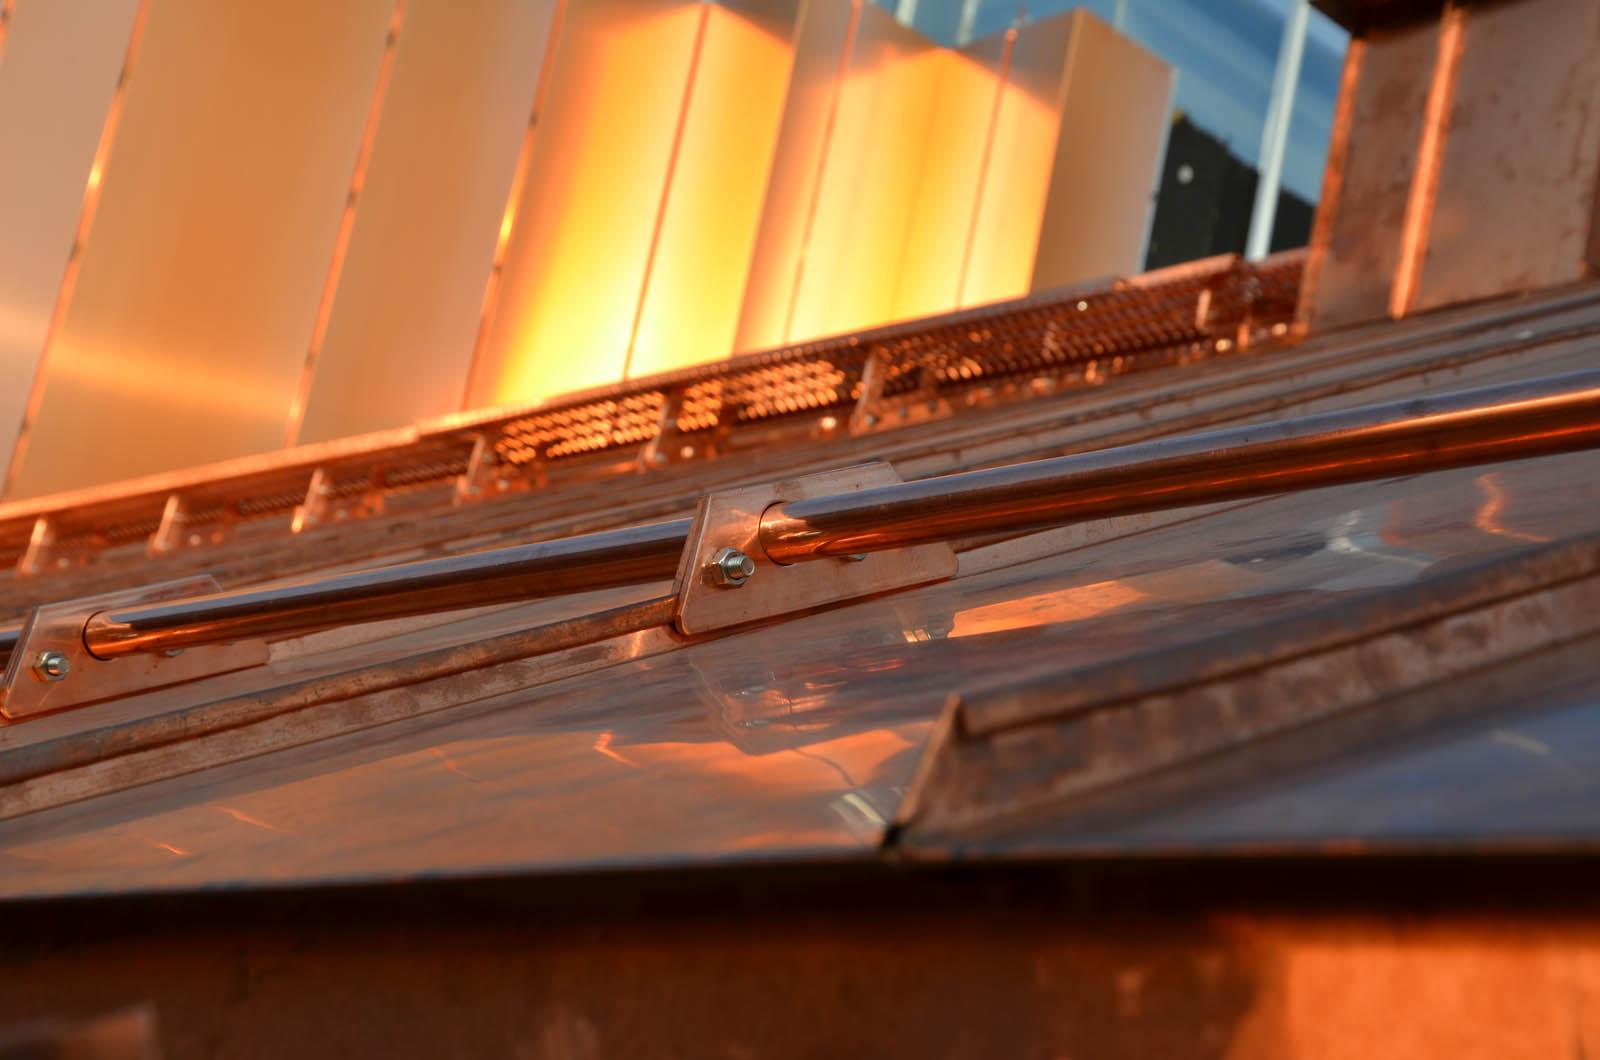 Rura przecwśniegowa miedziana to 2,5m rura, którą montuje się jako część barier przeciwśniegowych. Płotki przeciwśniegowe chronią przed osuwajacym się śniegiem.